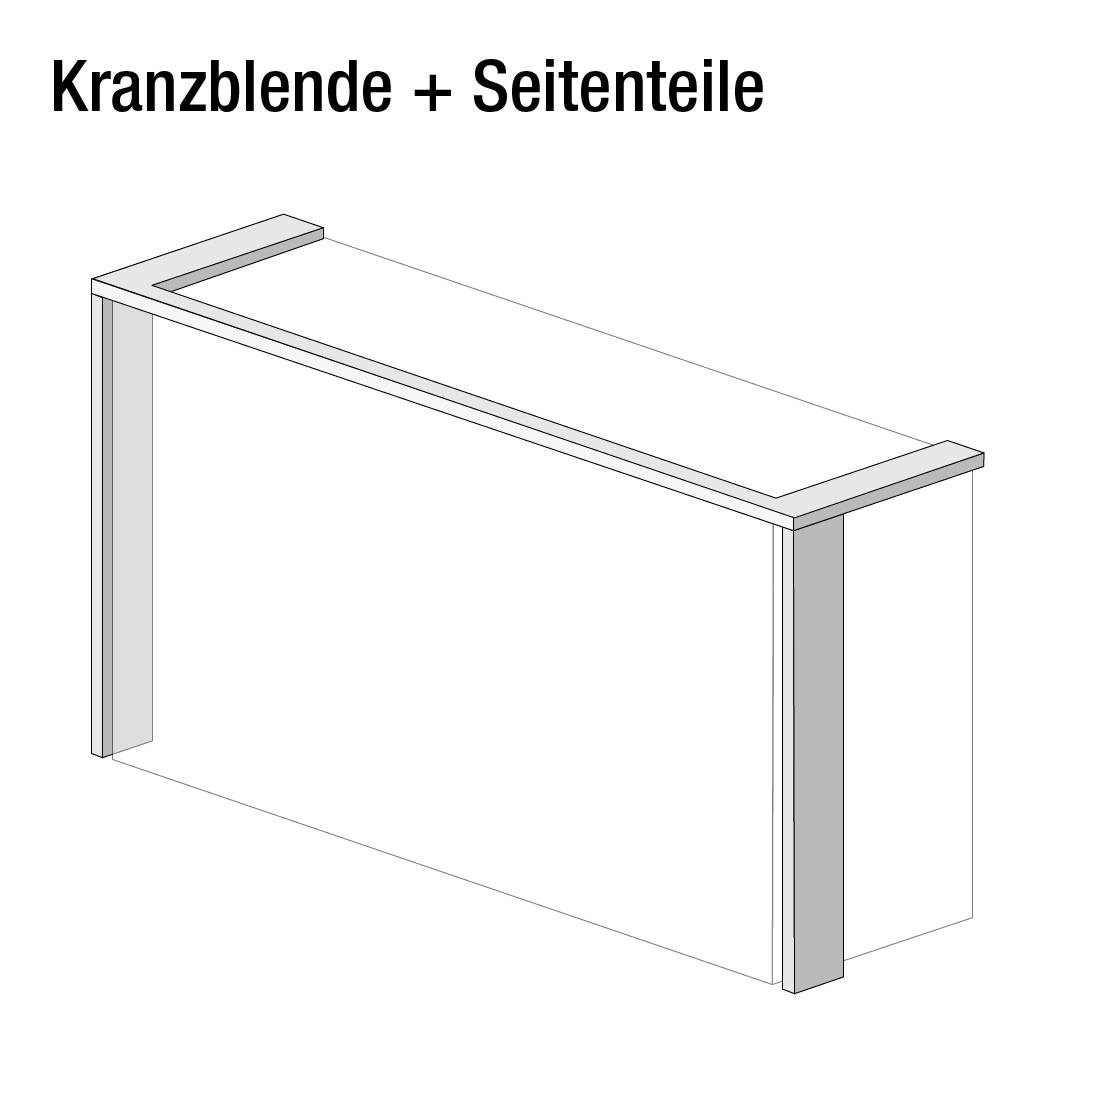 Kranzblende Skøp (mit Seitenteil)